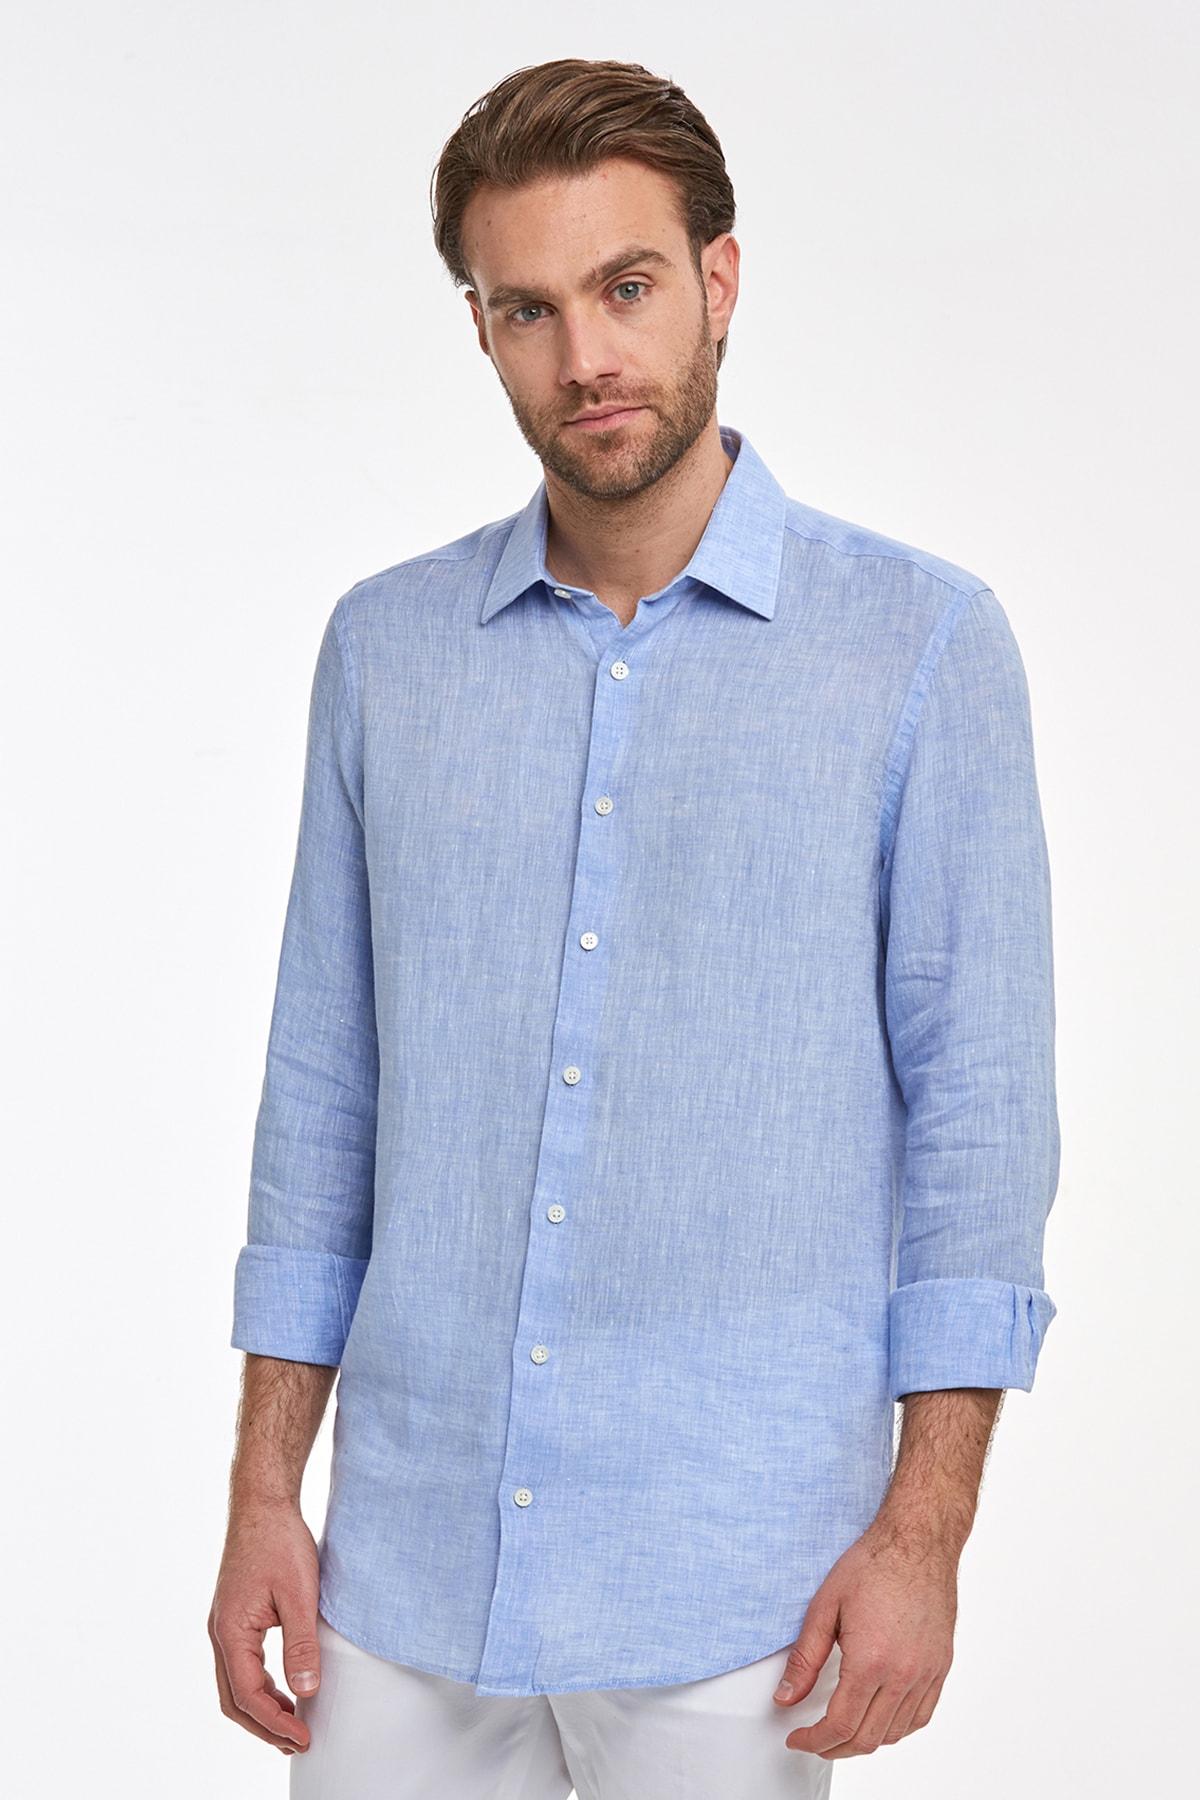 Hemington Erkek Açık Mavi Saf Keten Gömlek 1